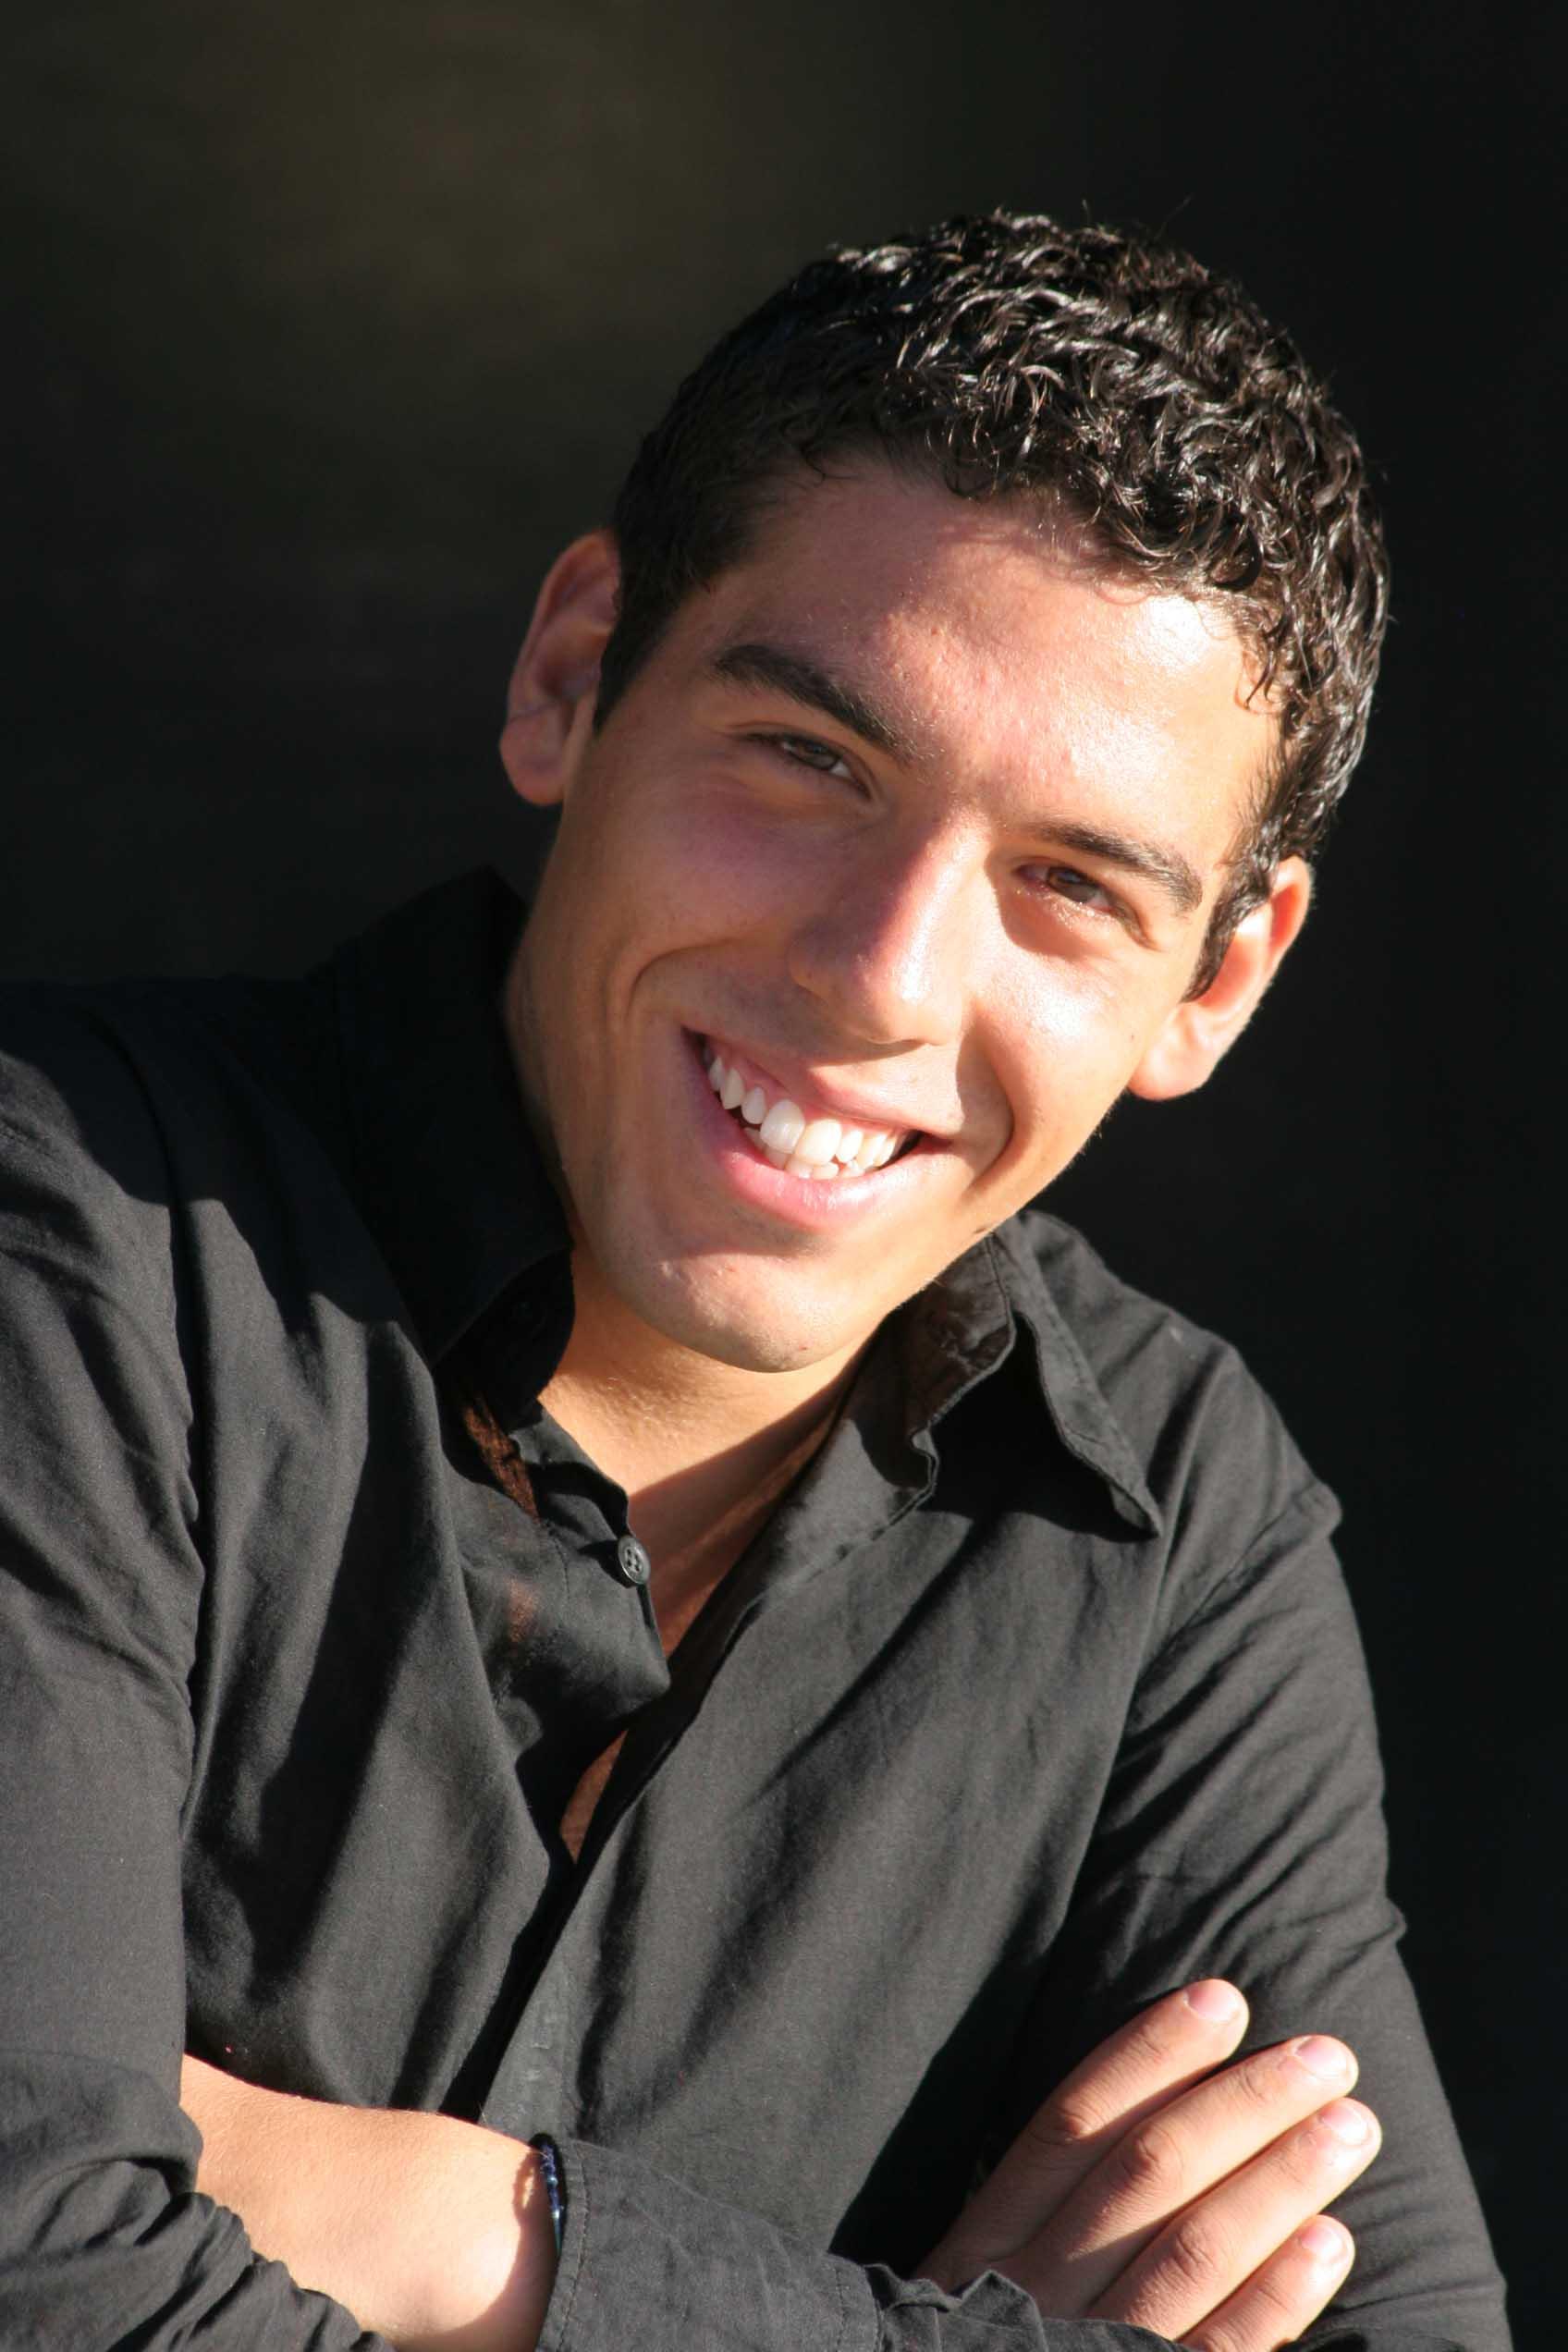 Carmine Del Grosso